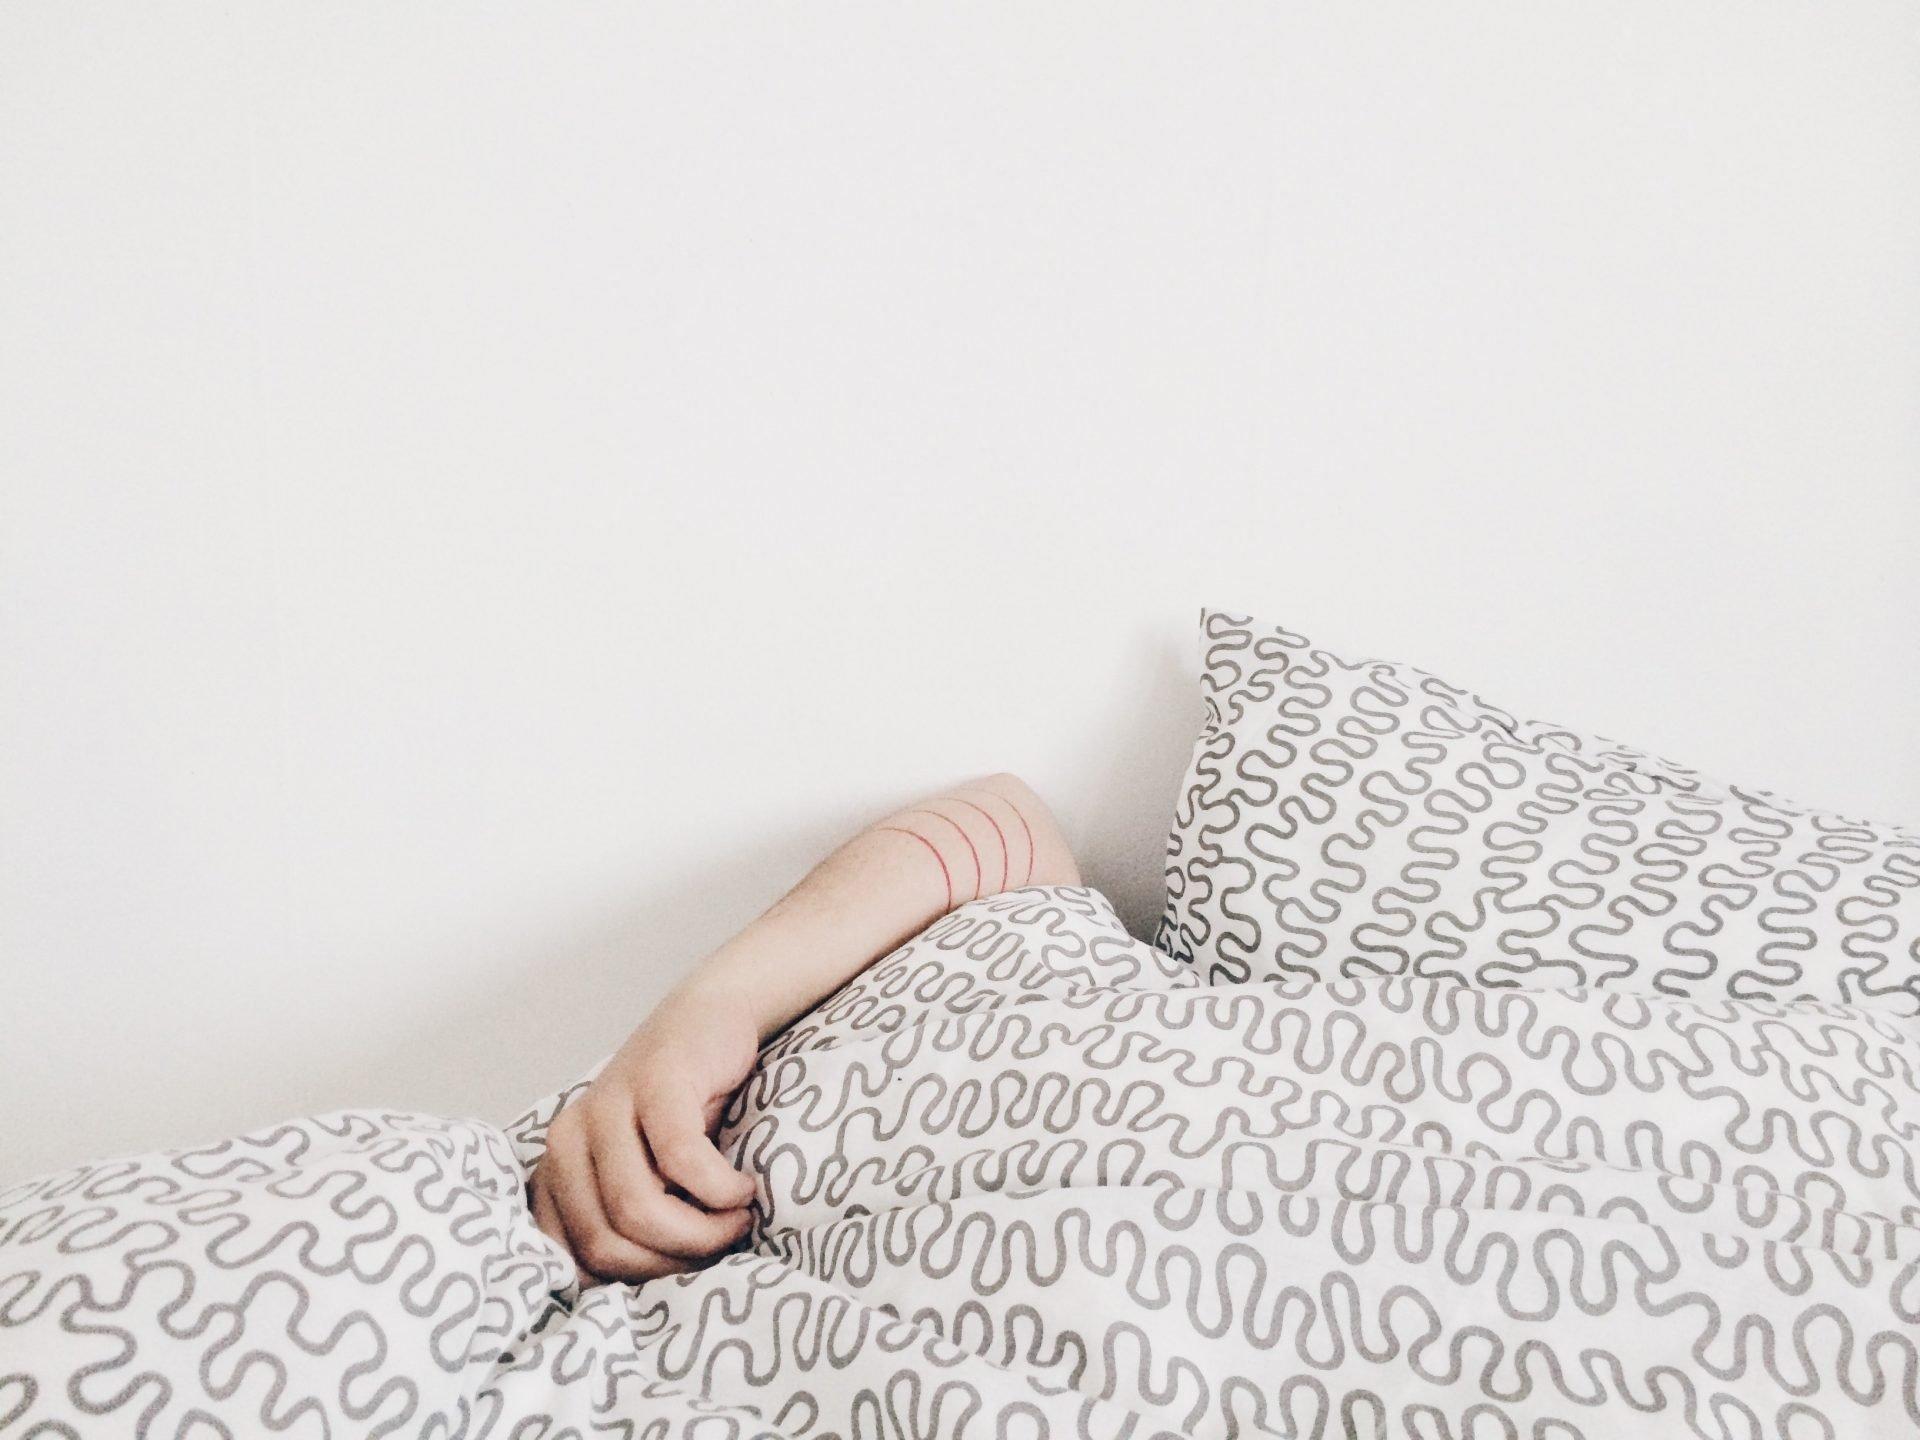 Хотите работу мечты? IKEA ищет профессионального соню!